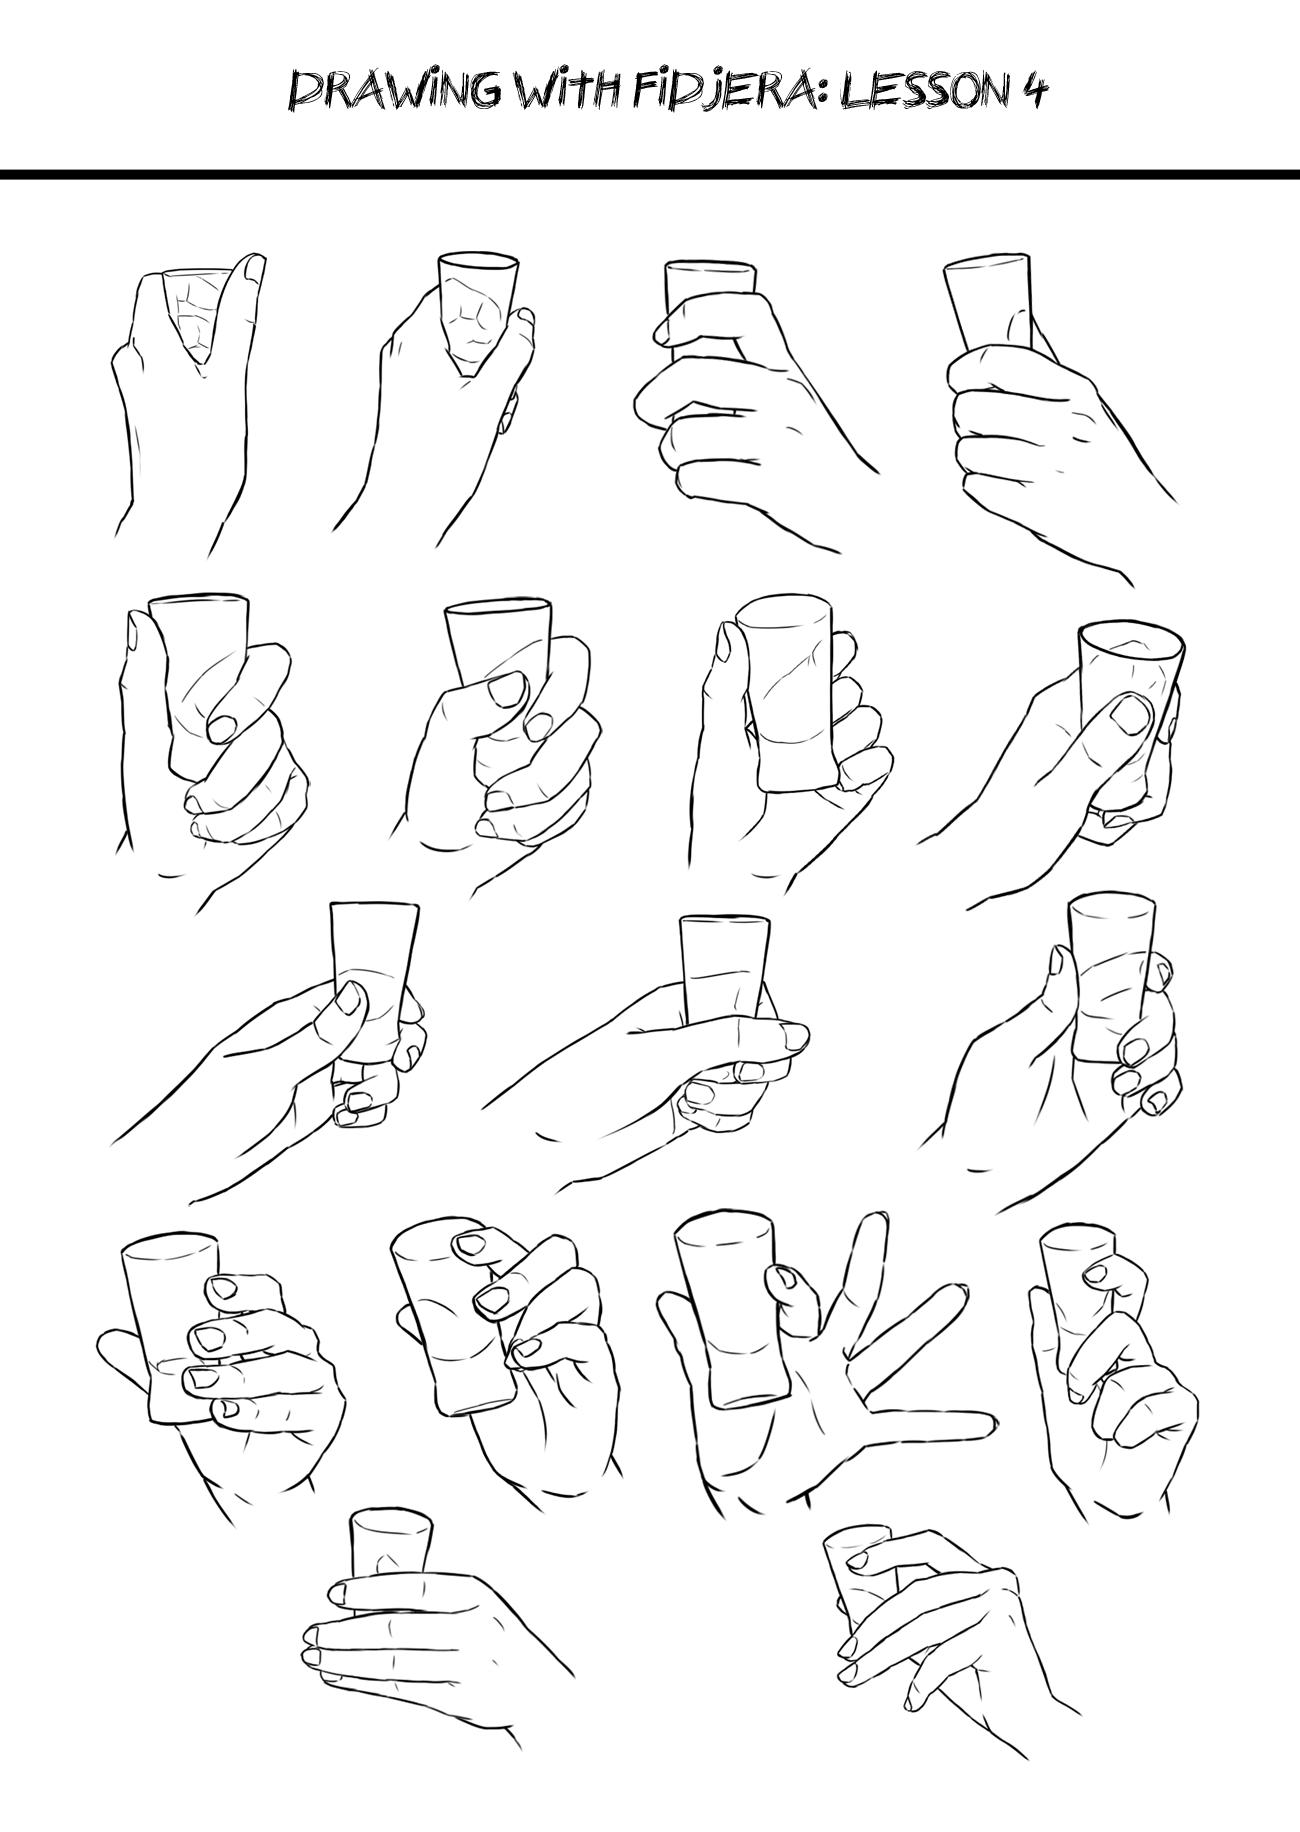 Anime Hand Holding Something : anime, holding, something, Drawing, Hands, Holding, Something, Installer